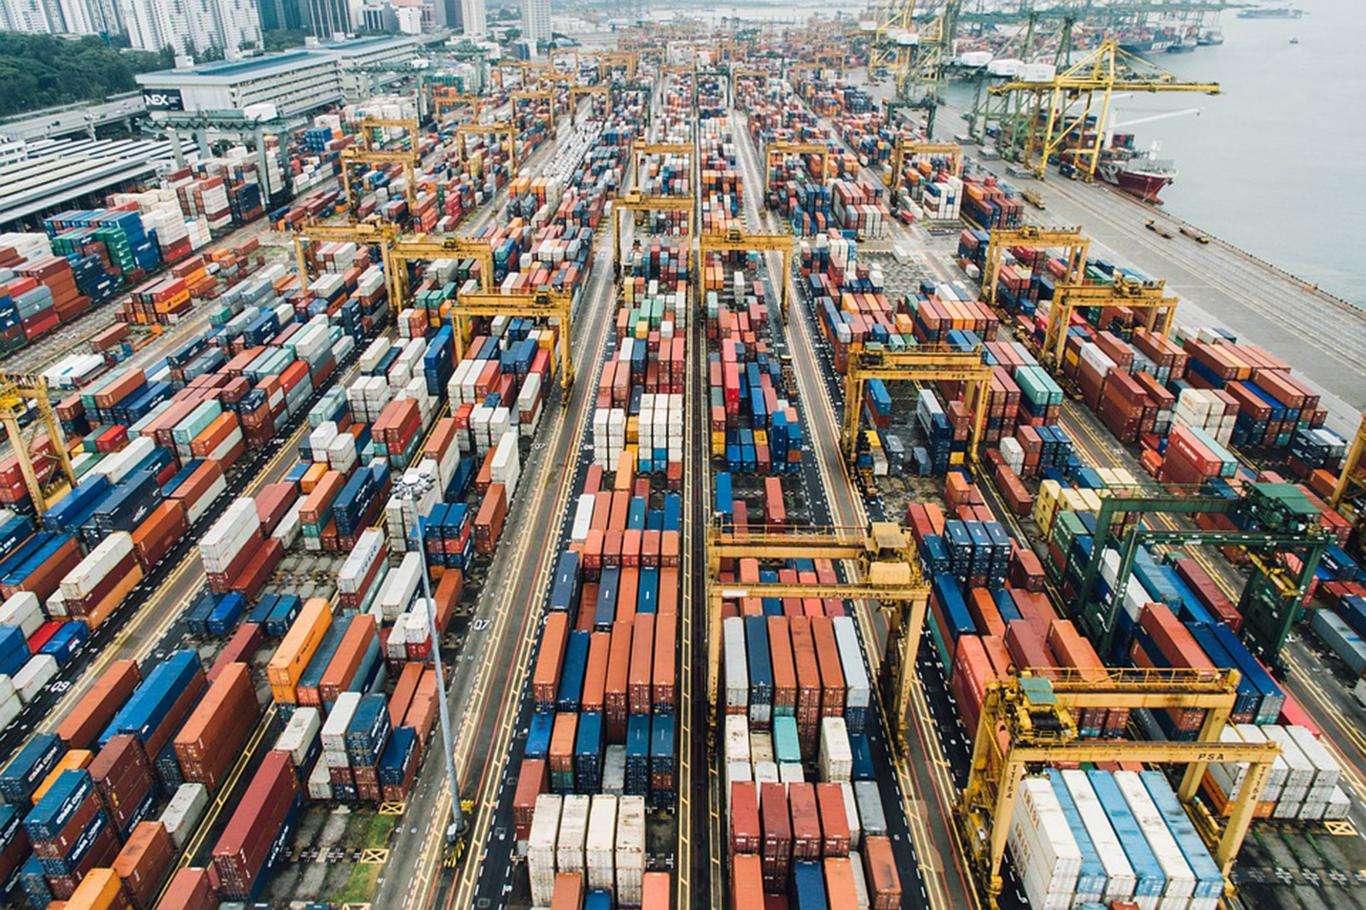 2020 Aralık Ayı Dış Ticaret İstatistik Verileri Paylaşıldı!